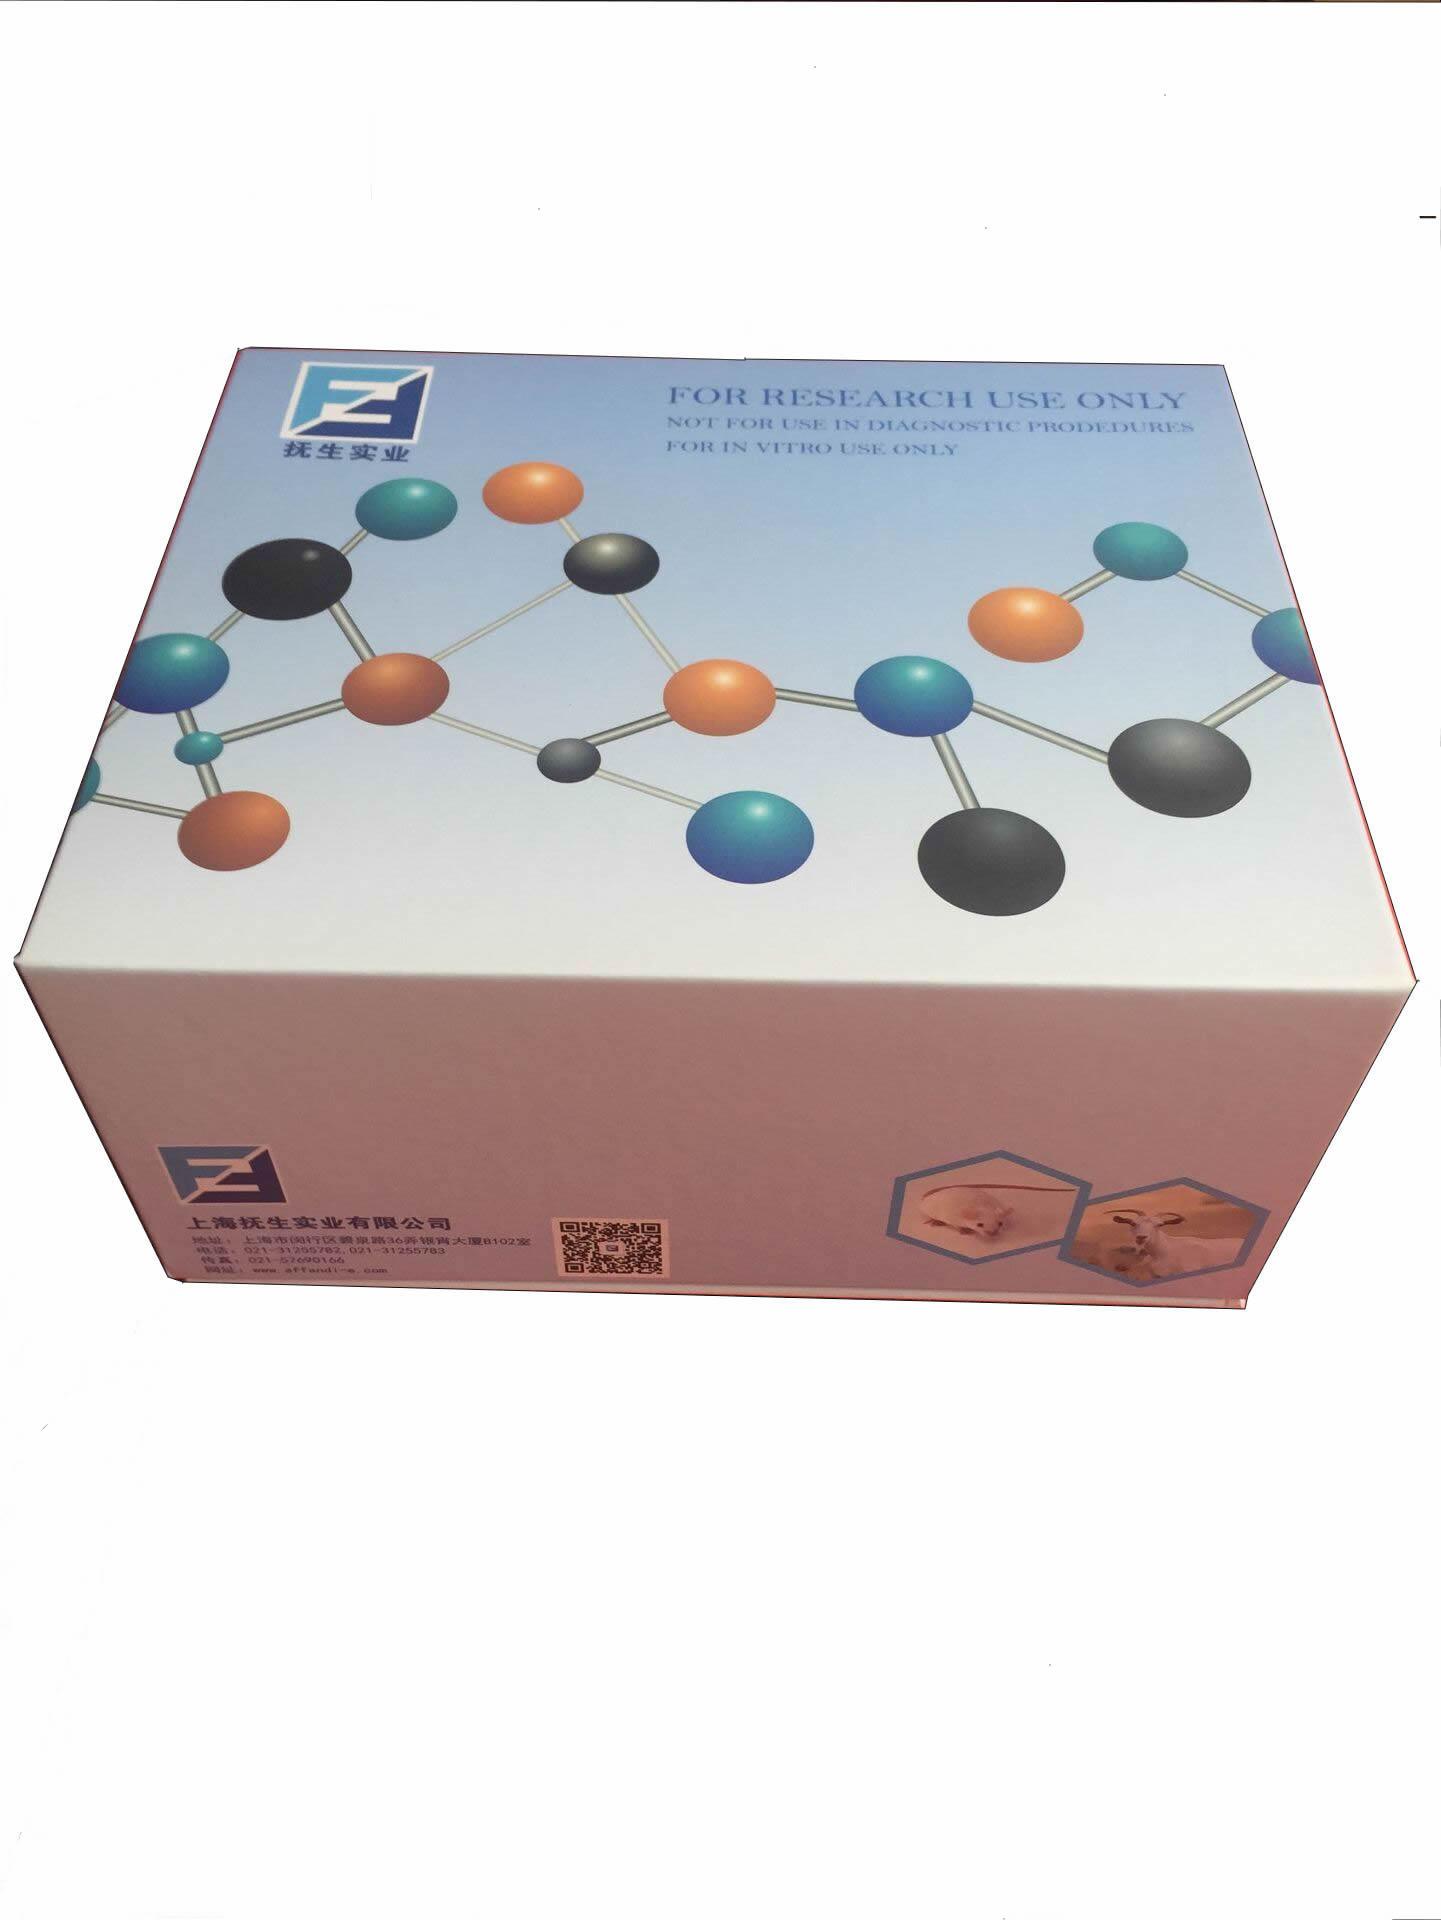 钙敏感受体检测试剂盒